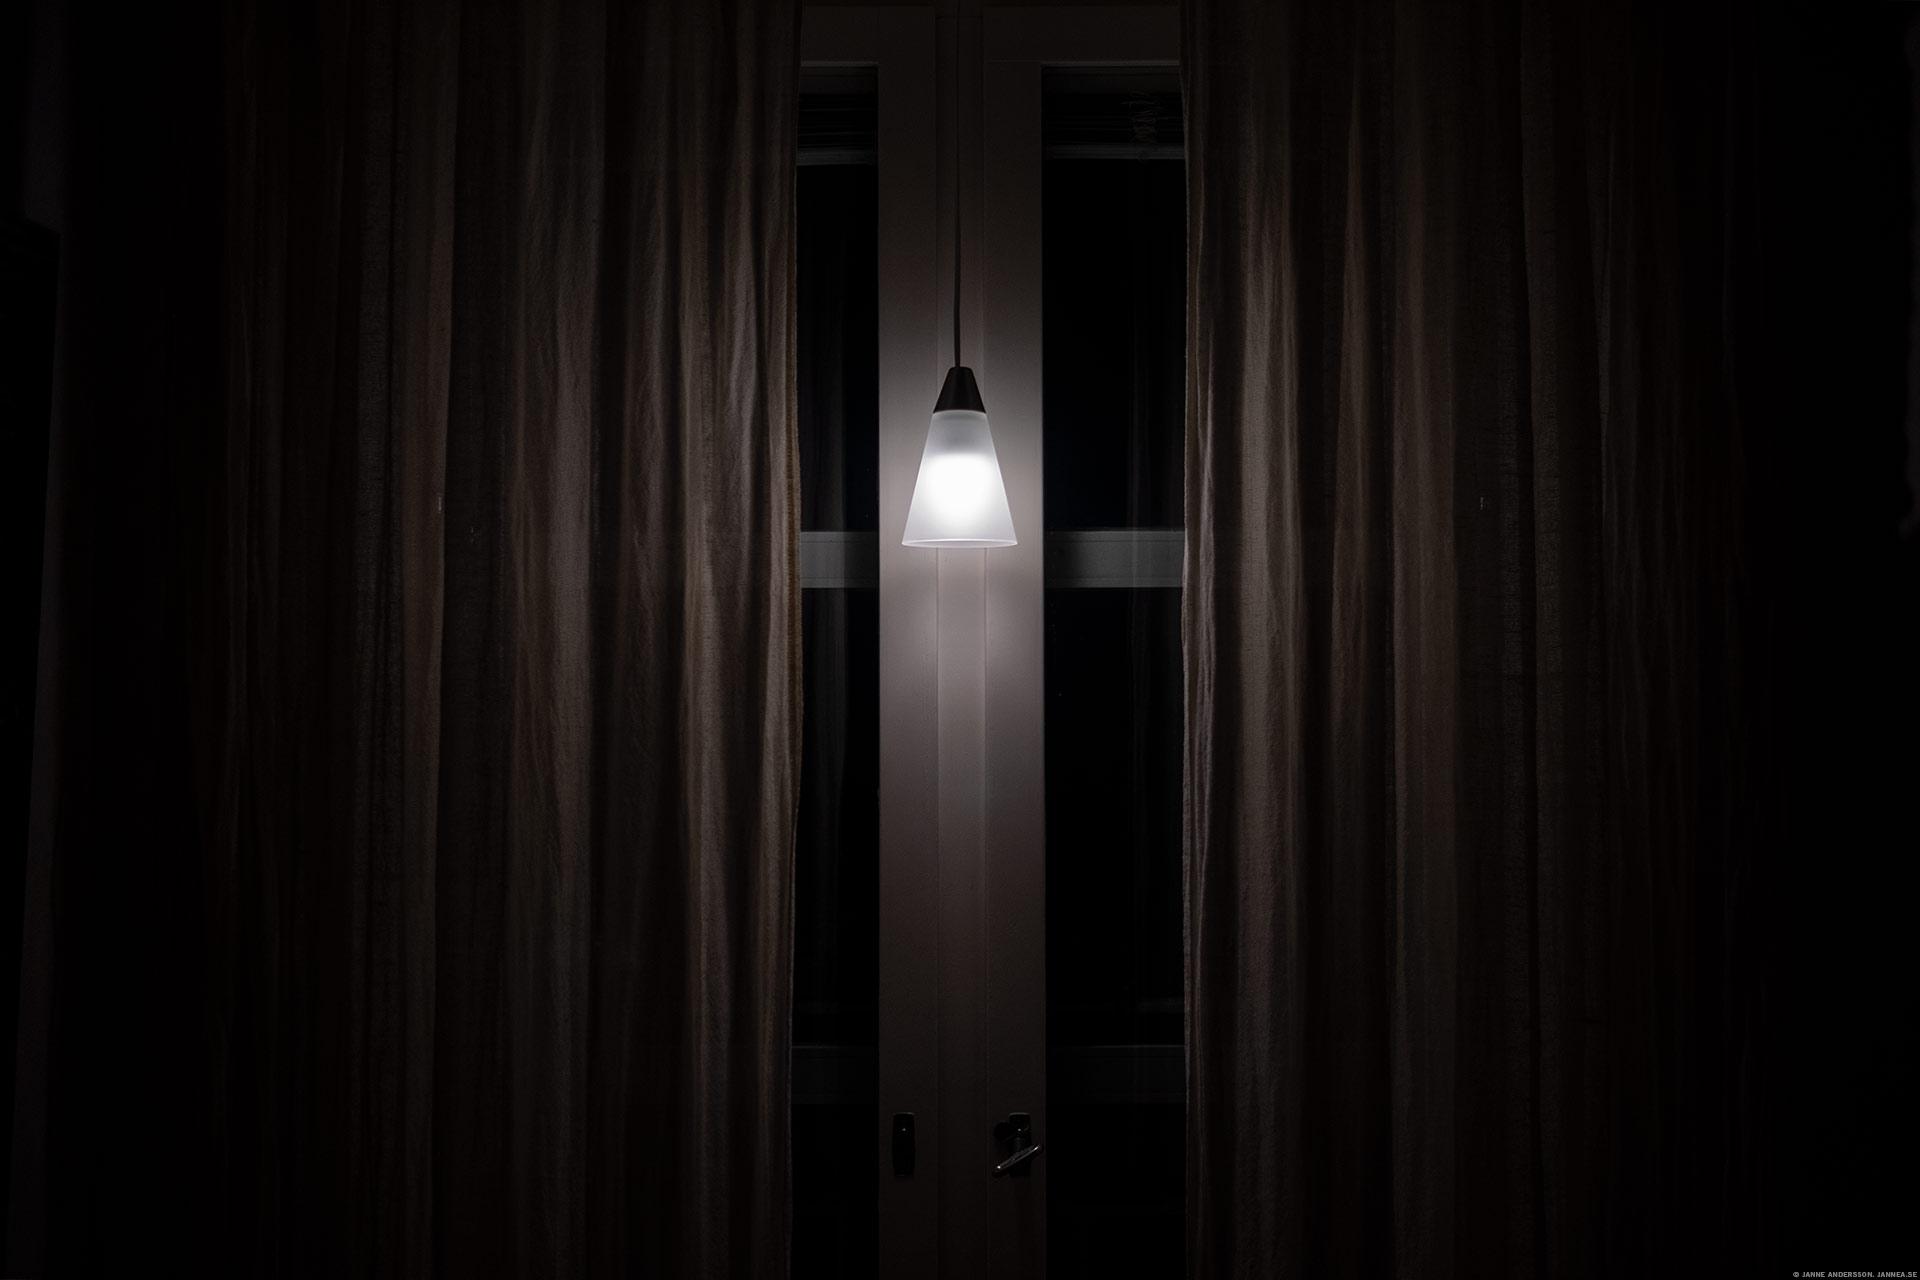 En lampa i ett fönster | ©Janne A